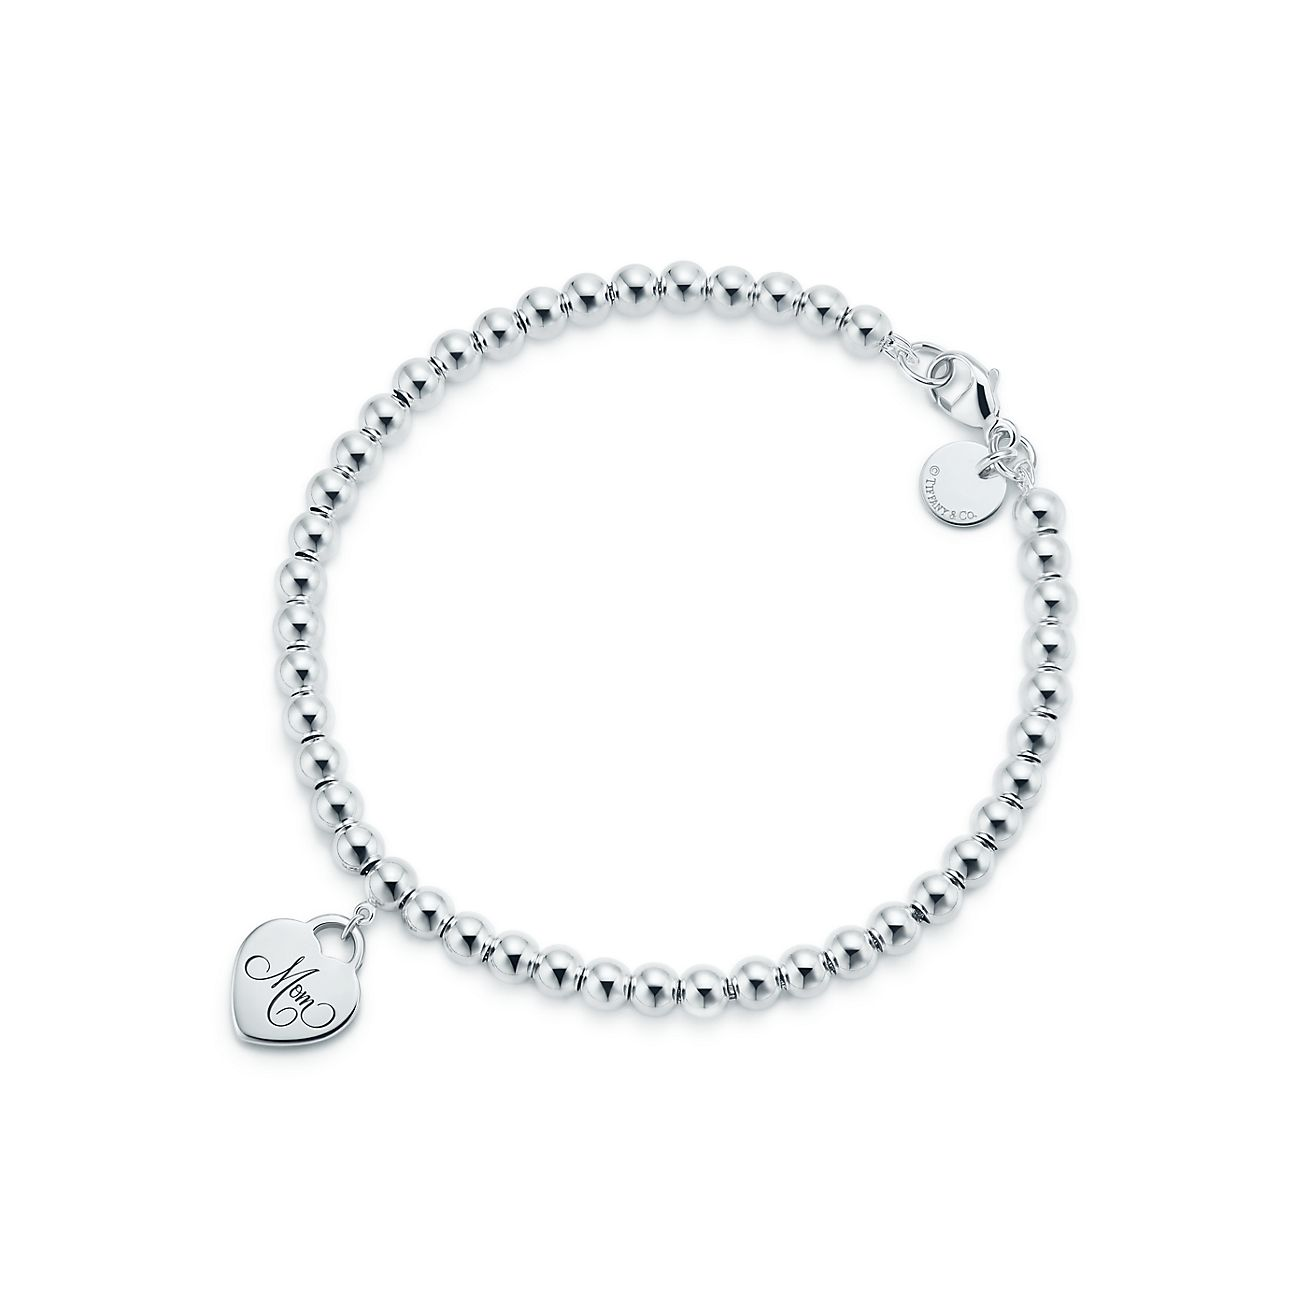 Bracelet à billes avec mini plaque en cœur « Mom » en argent sterling,  moyen.